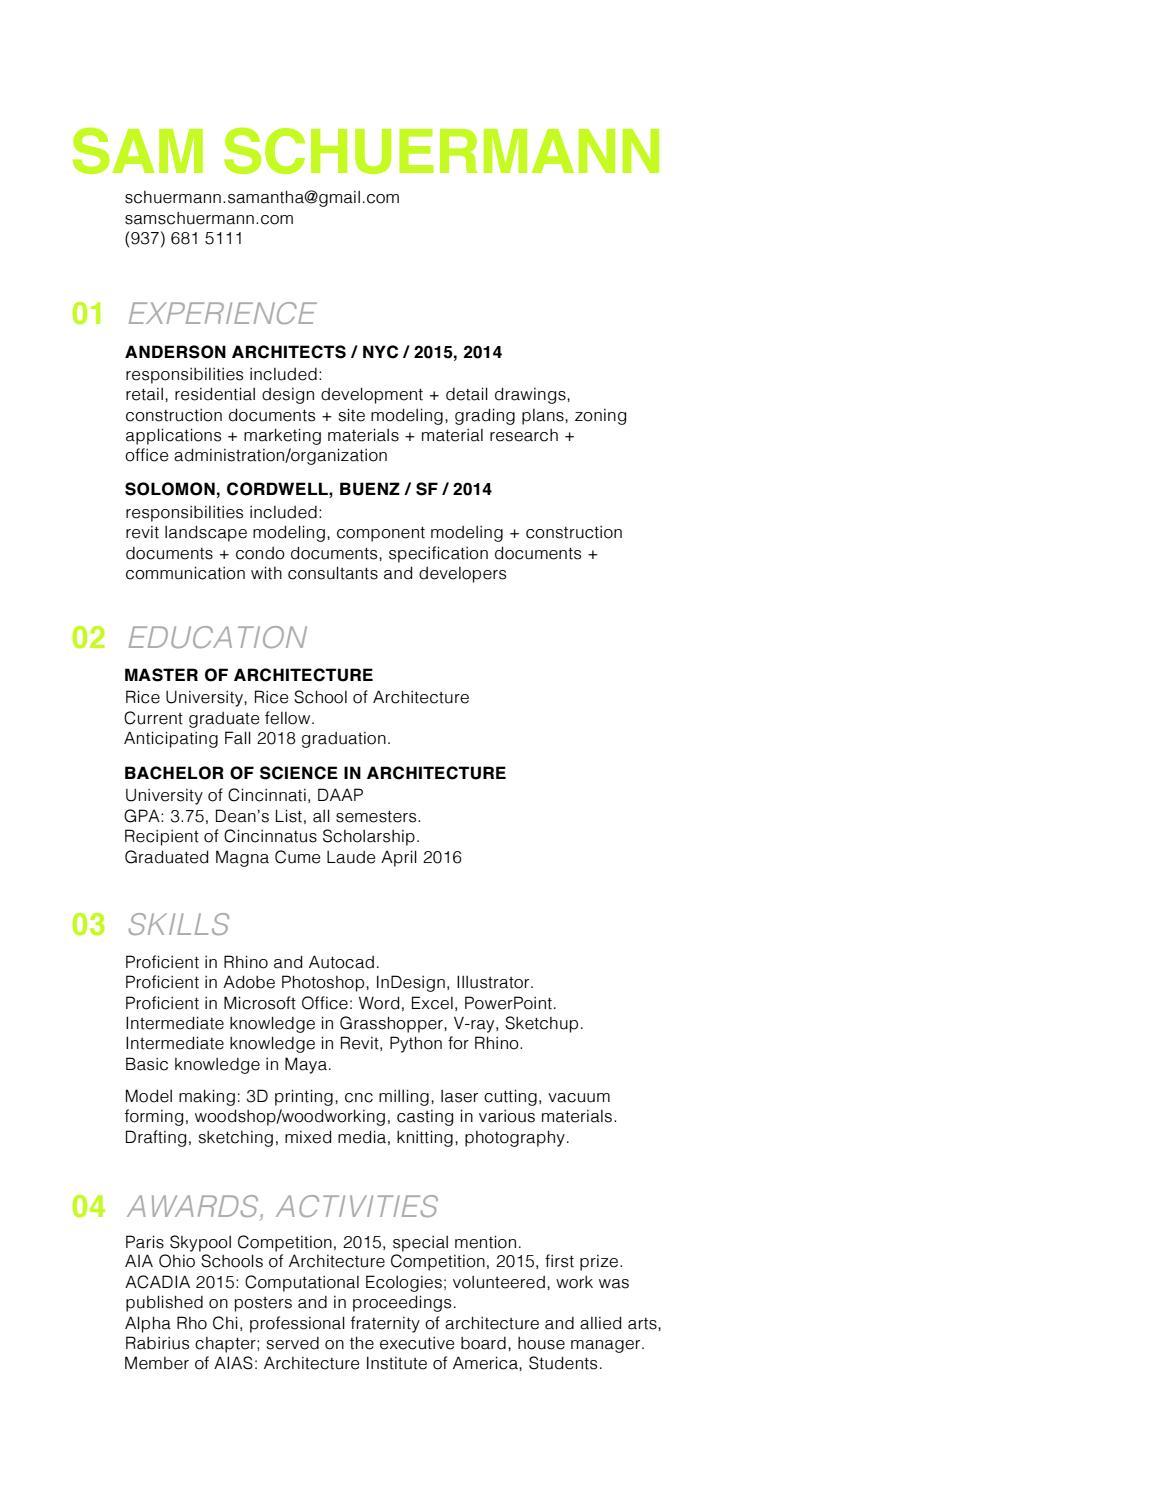 schuermann resume2016 by sam schuermann issuu